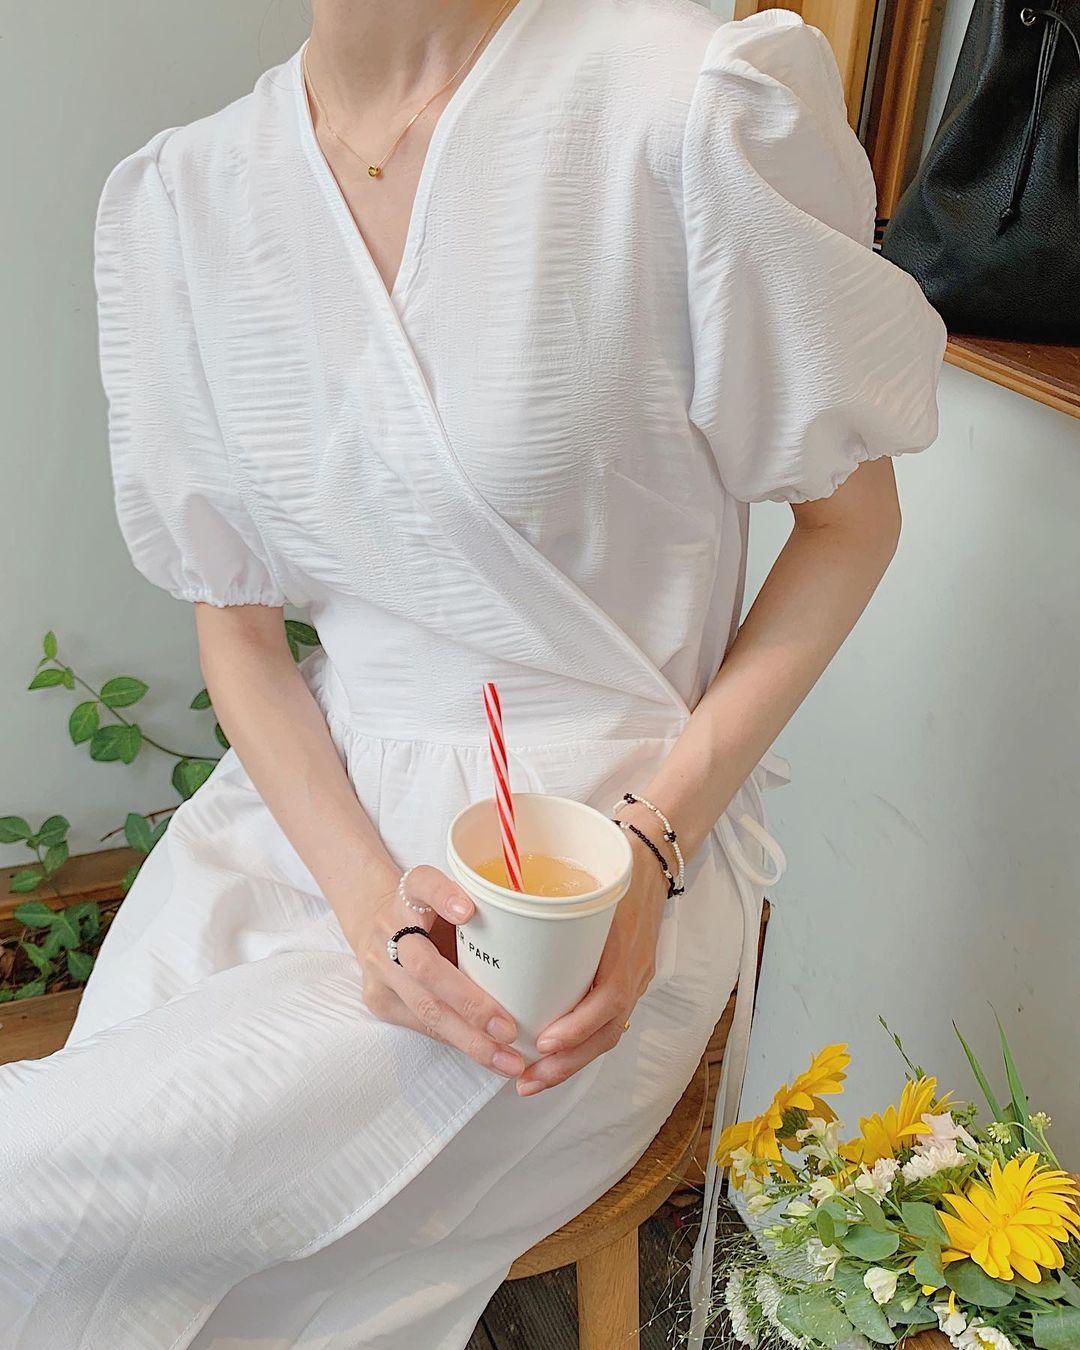 Hè đến là gái Hàn lại diện đủ kiểu váy trắng siêu trẻ xinh và tinh tế, xem mà muốn sắm cả 'lố' về nhà - Ảnh 1